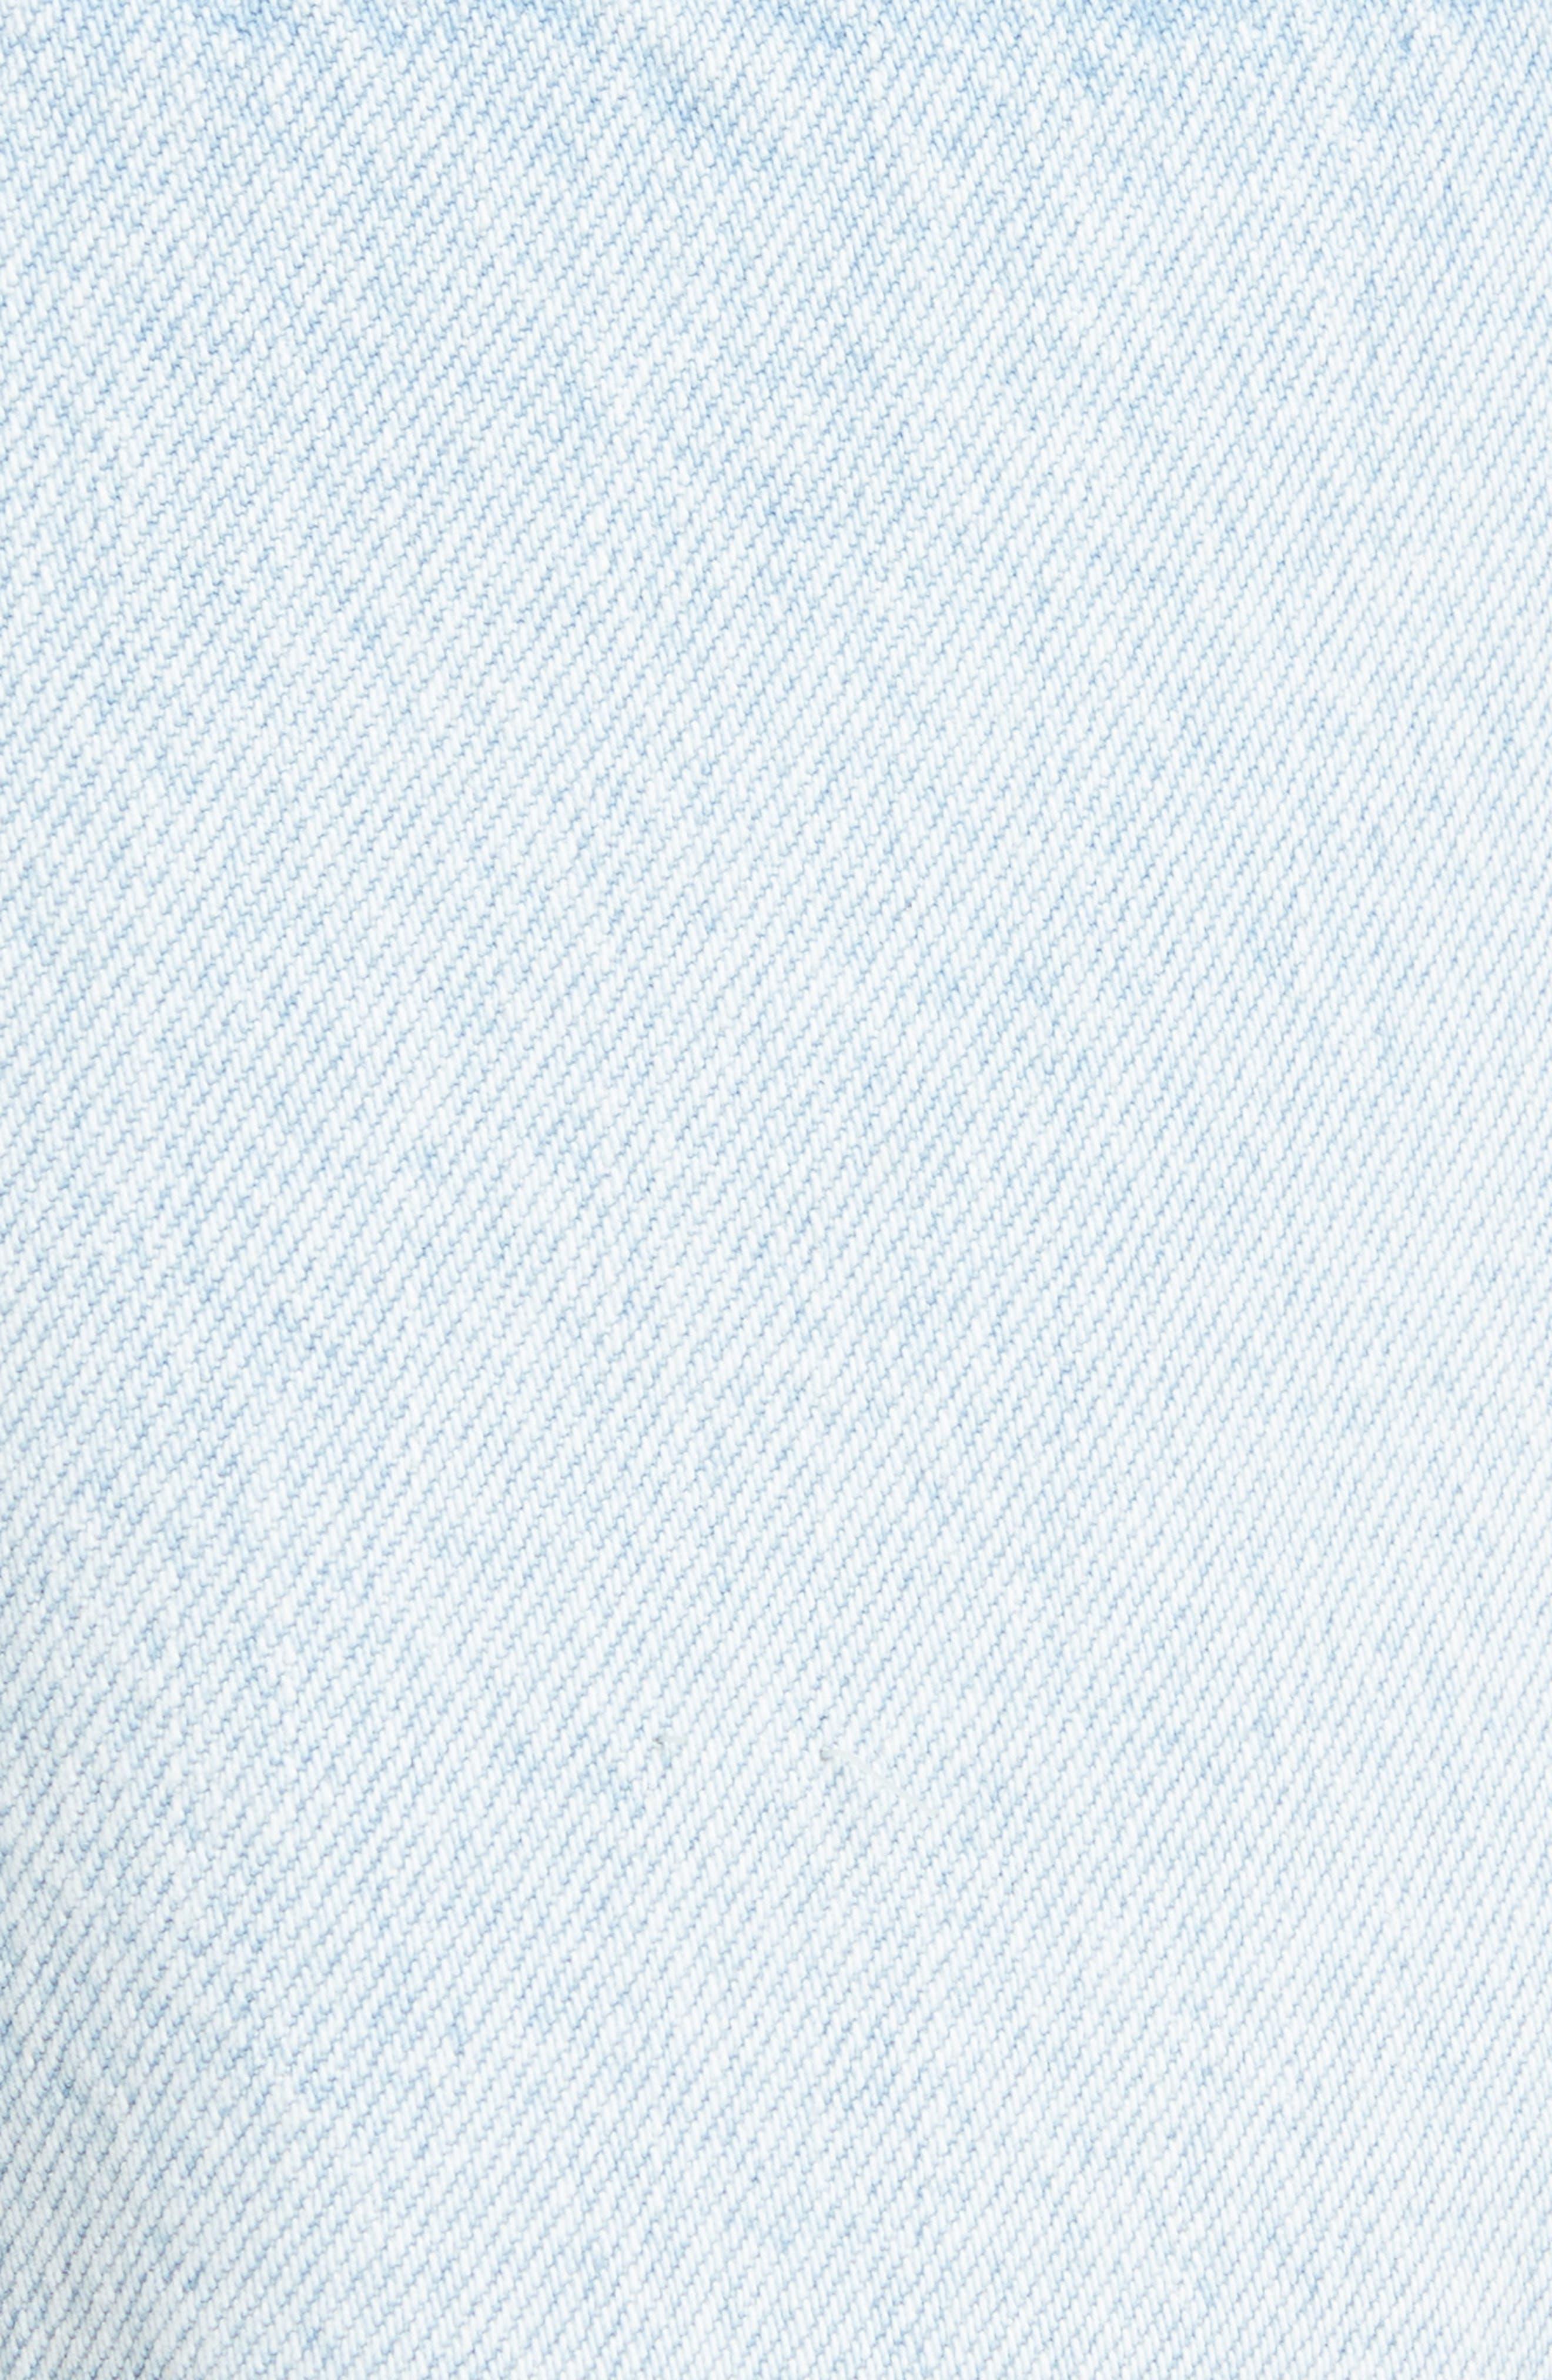 ,                             Low Slung Jeans,                             Alternate thumbnail 6, color,                             LIGHT 04